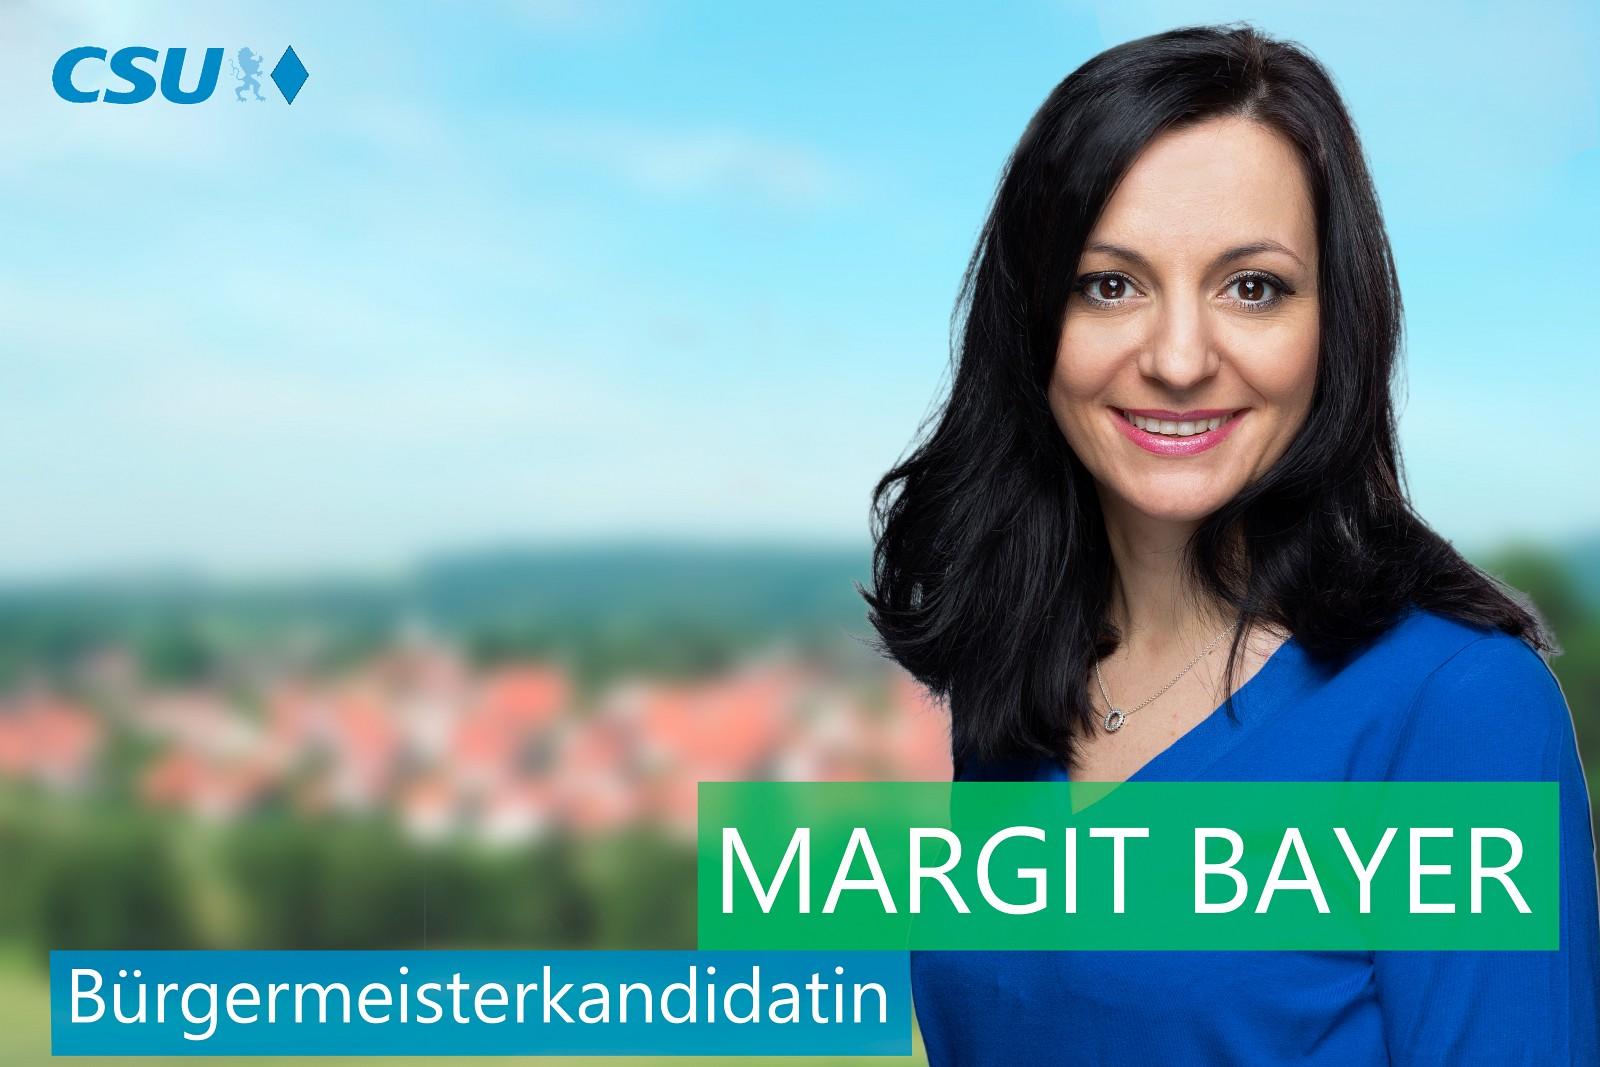 Kandidatenportrait mit eingefügtem Hintergrund